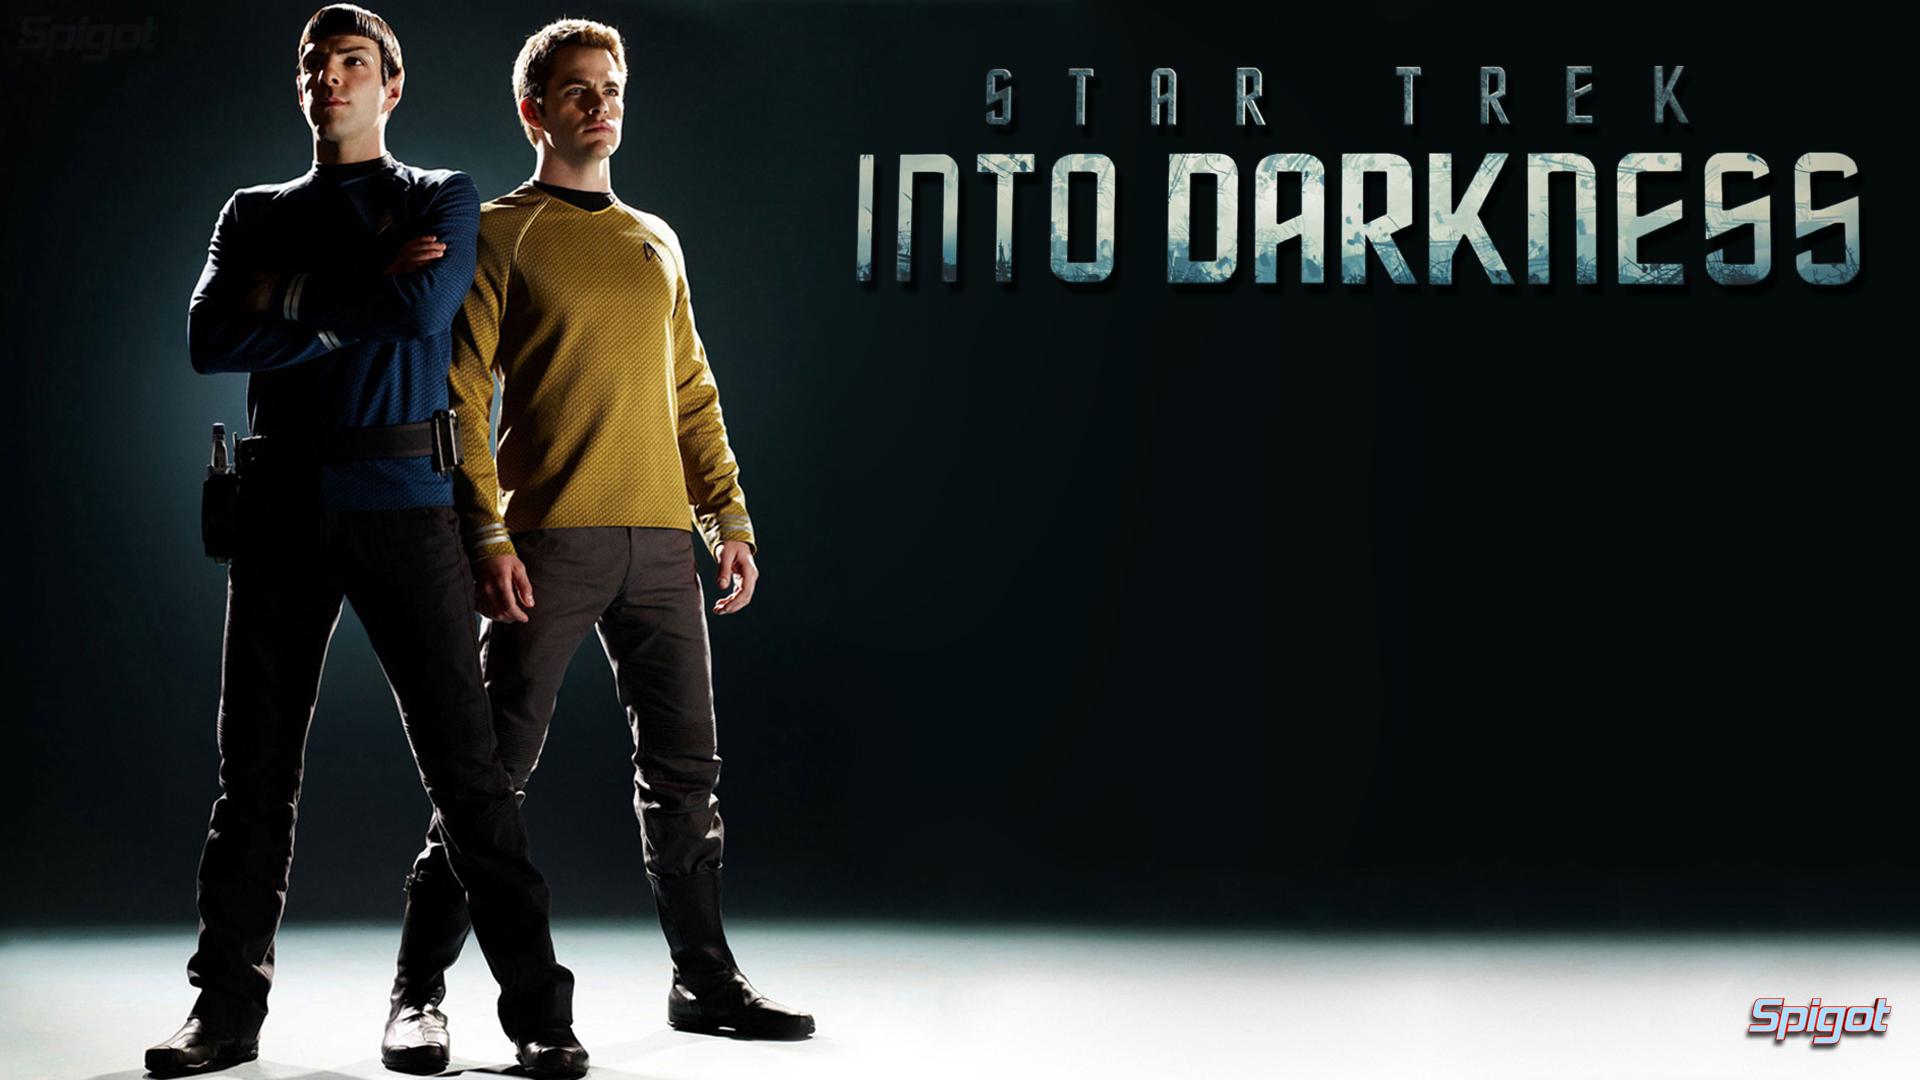 Download-star-trek-into-darkness-movie-online-high-quality